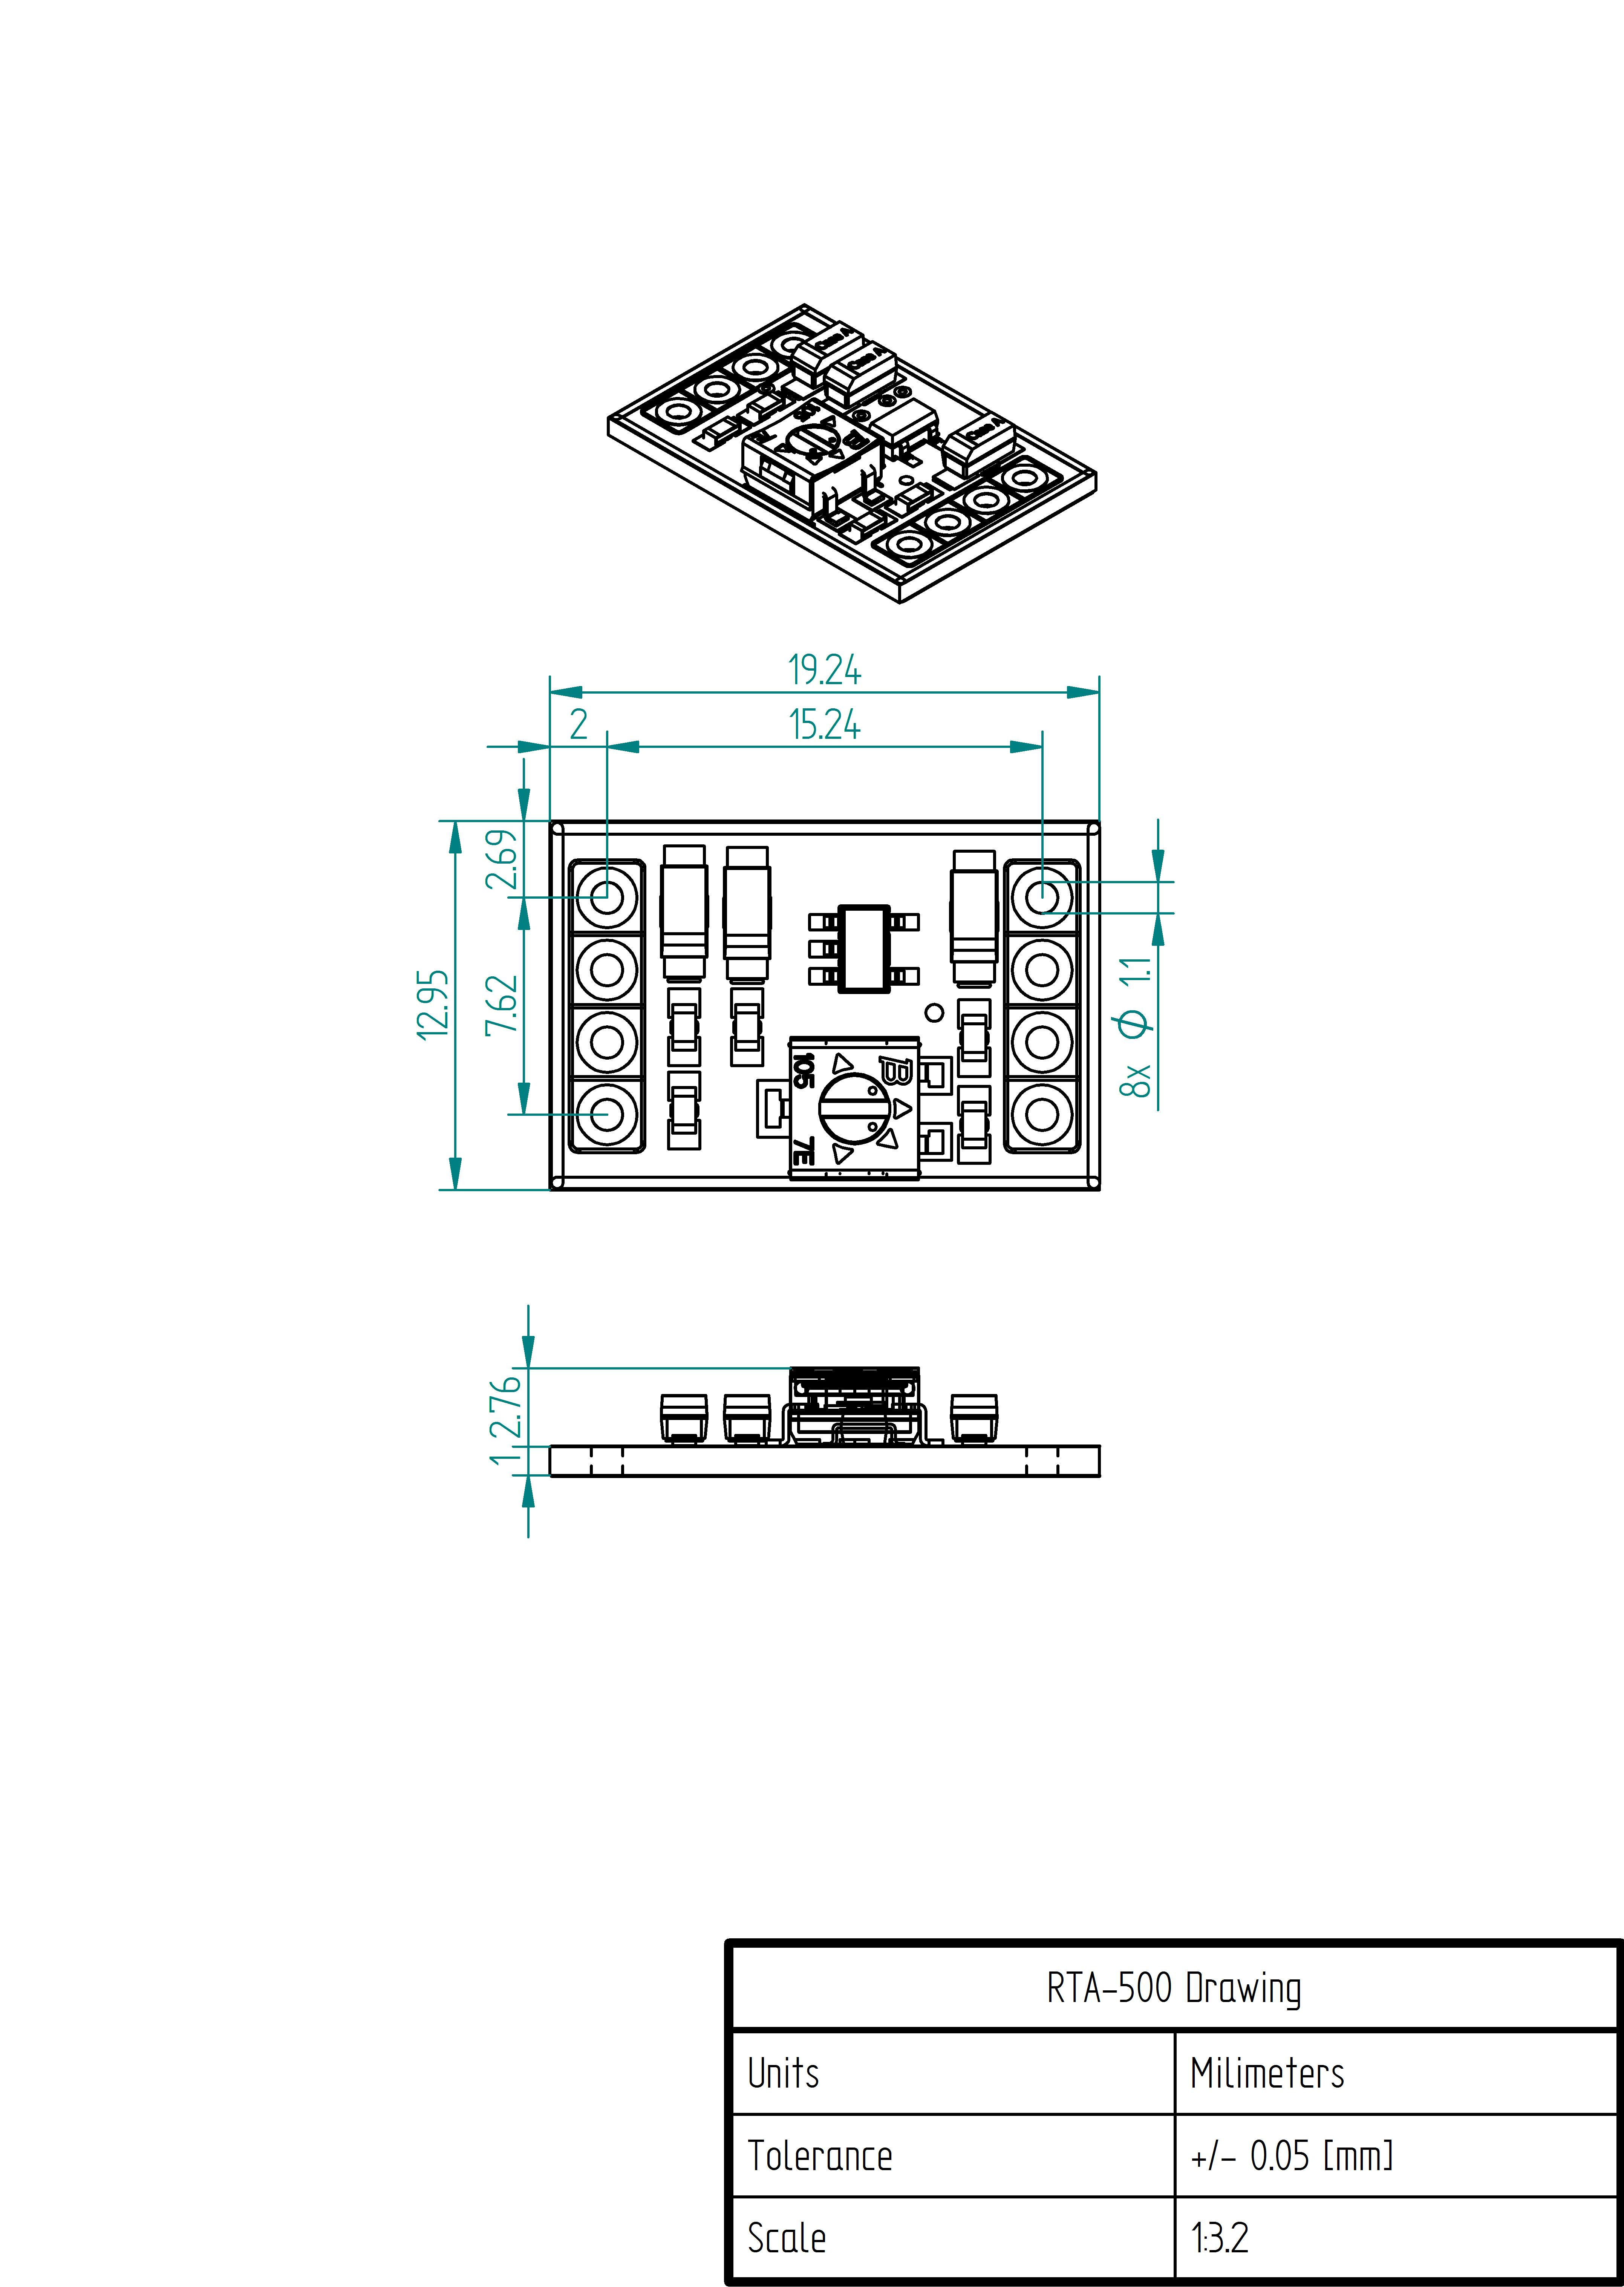 RTA-500 Mechanical Drawing